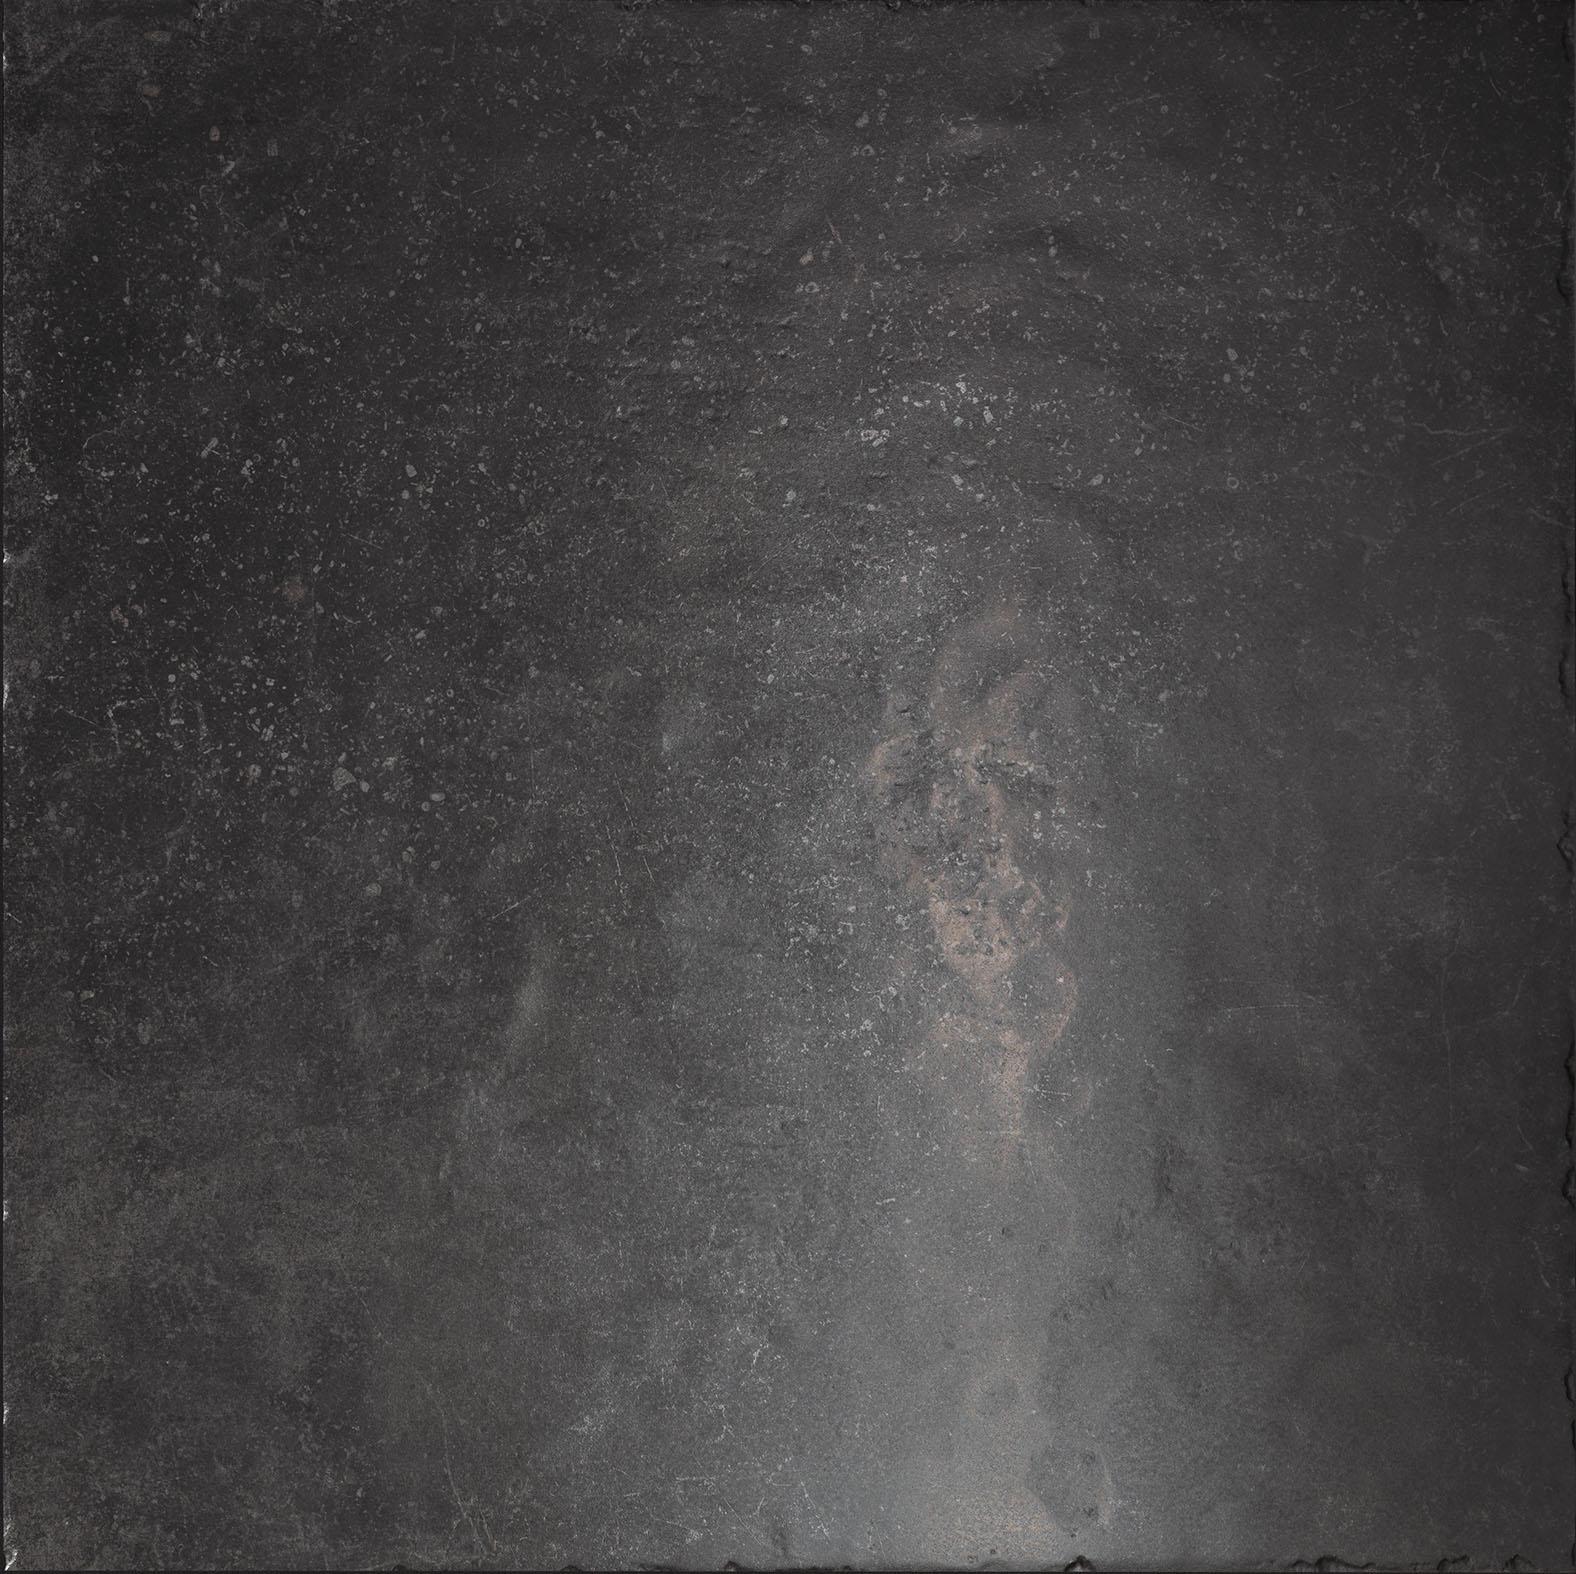 Płytka podłogowa Italgraniti Icone Noir Spazzolato 80x80cm